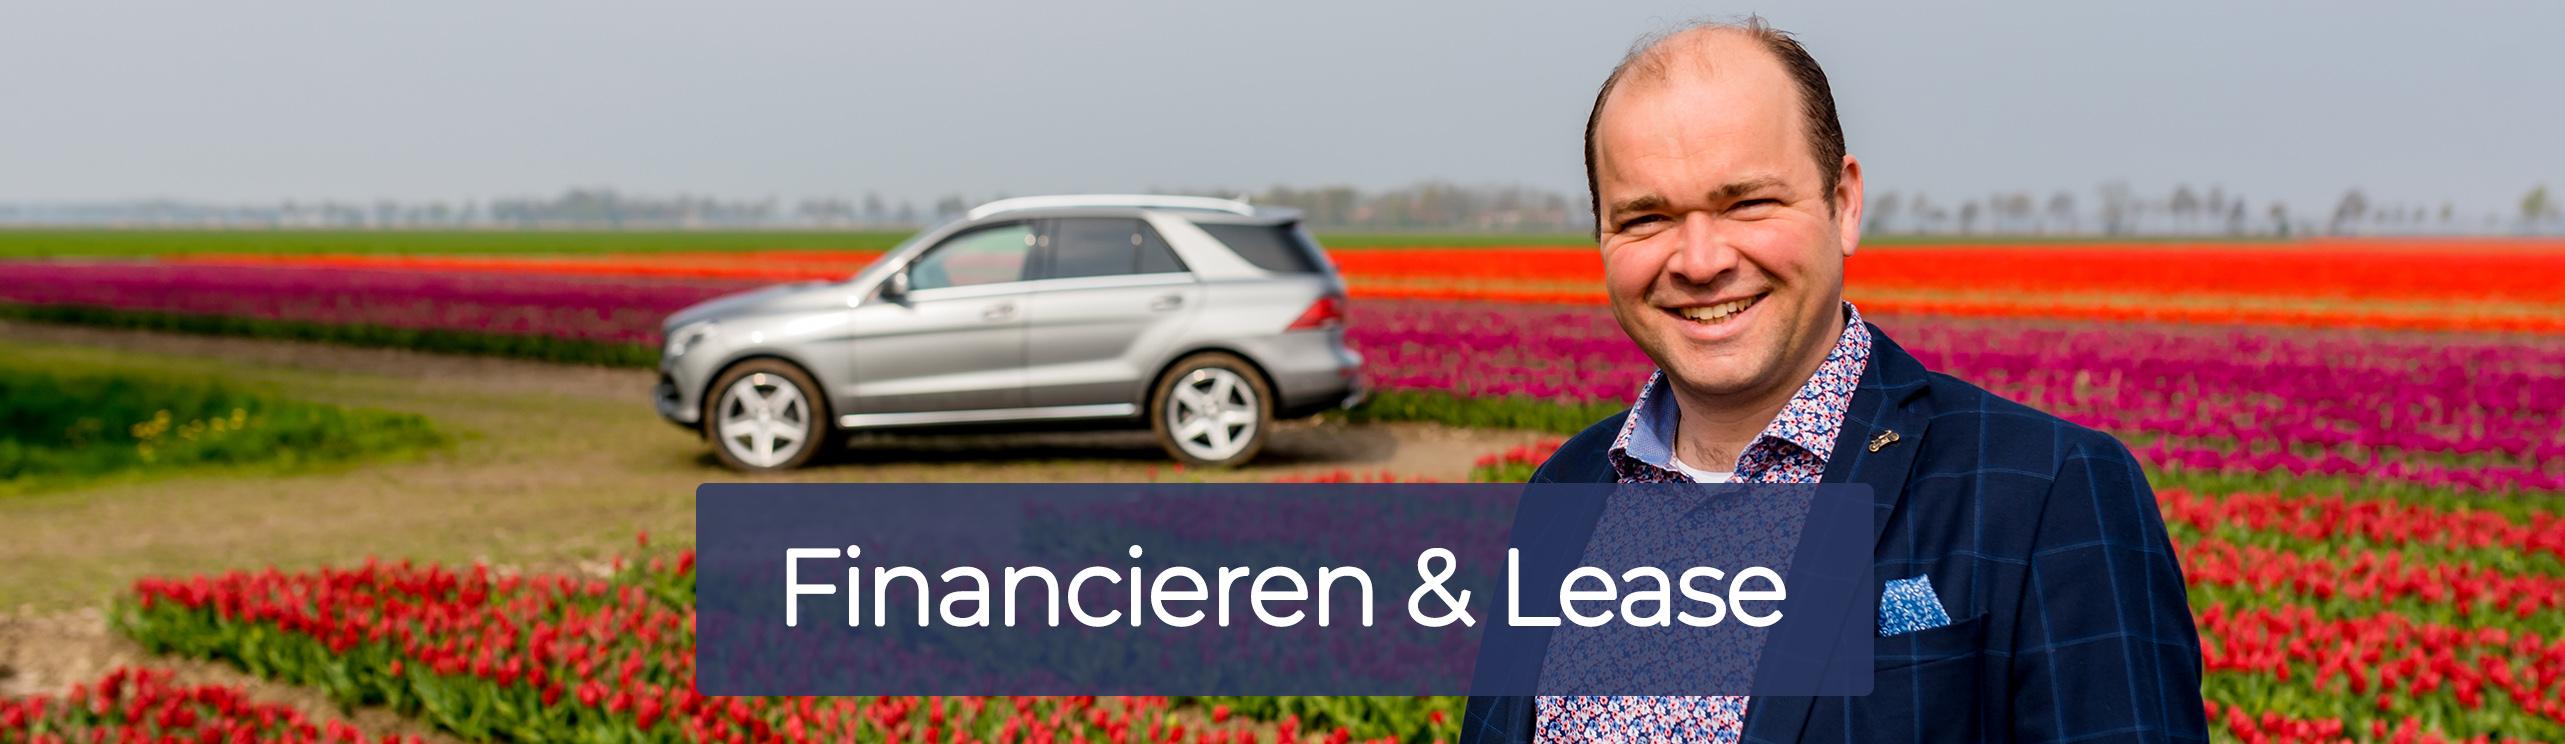 Financieren en leasen Autocentrum Flevoland in Emmeloord